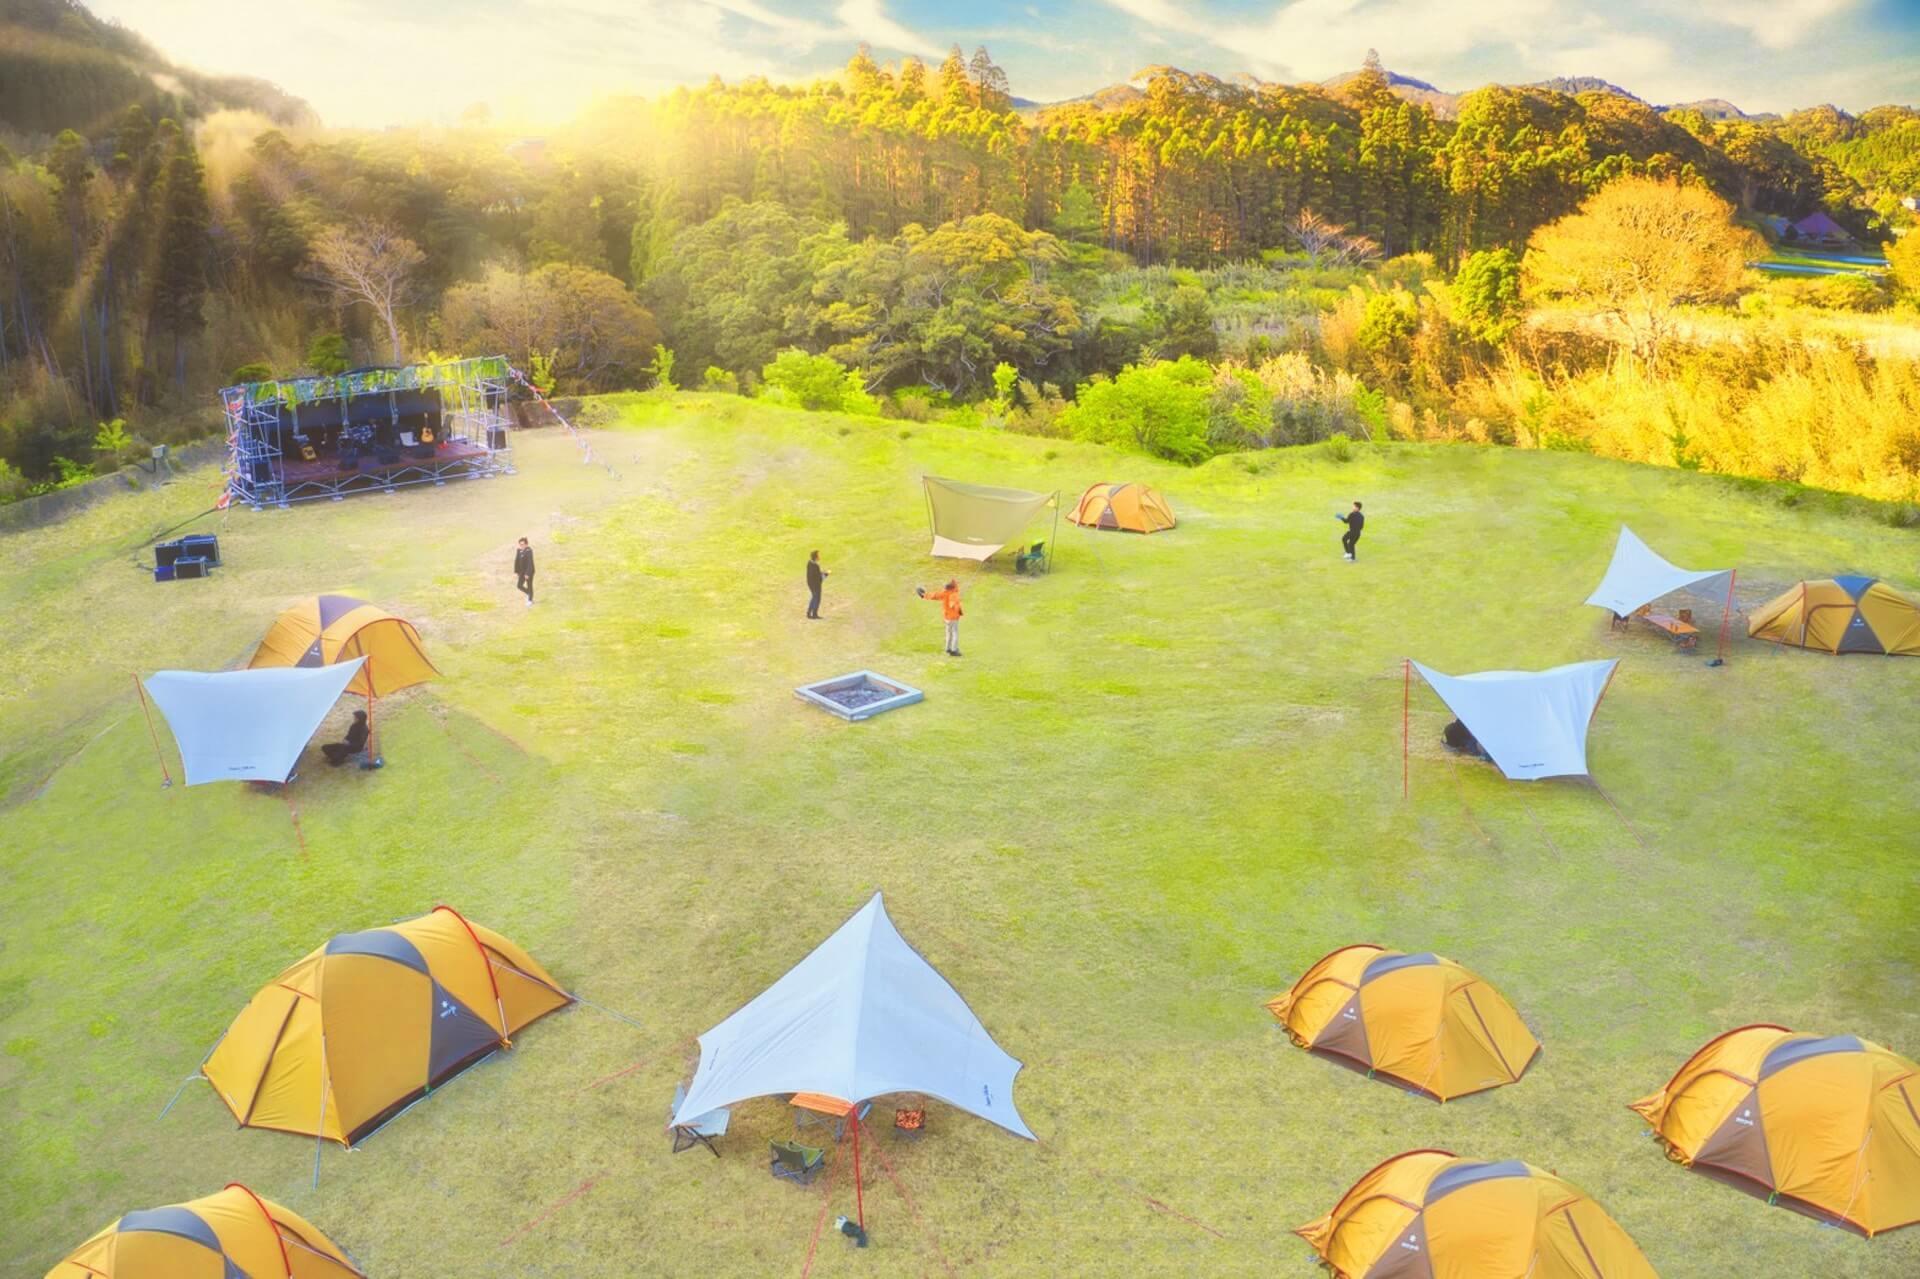 キャンプ、音楽、ヨガを楽しめるフェス<SOUL RETREAT CAMP>が開催決定!DJ HASEBE、MACKA-CHINが登場 ac200909_soulretreatcamp_02